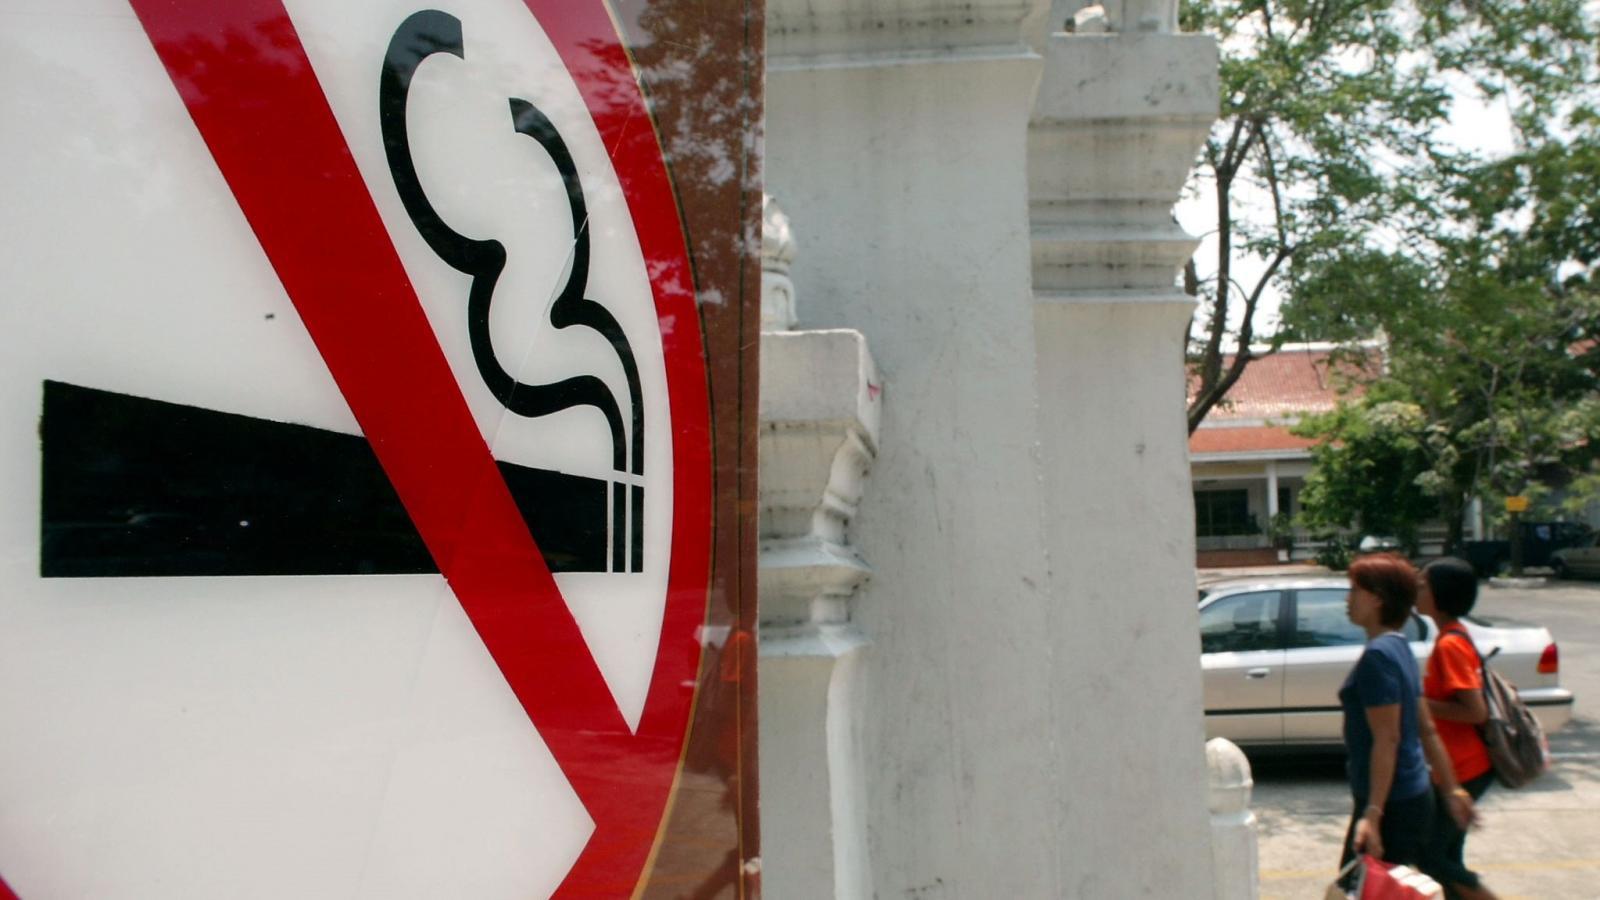 """""""หมอประกิต"""" ซัดลดภาษีใบยาสูบ เลือกจะเอาใจพ่อค้า หรือสุขภาพประชาชน"""